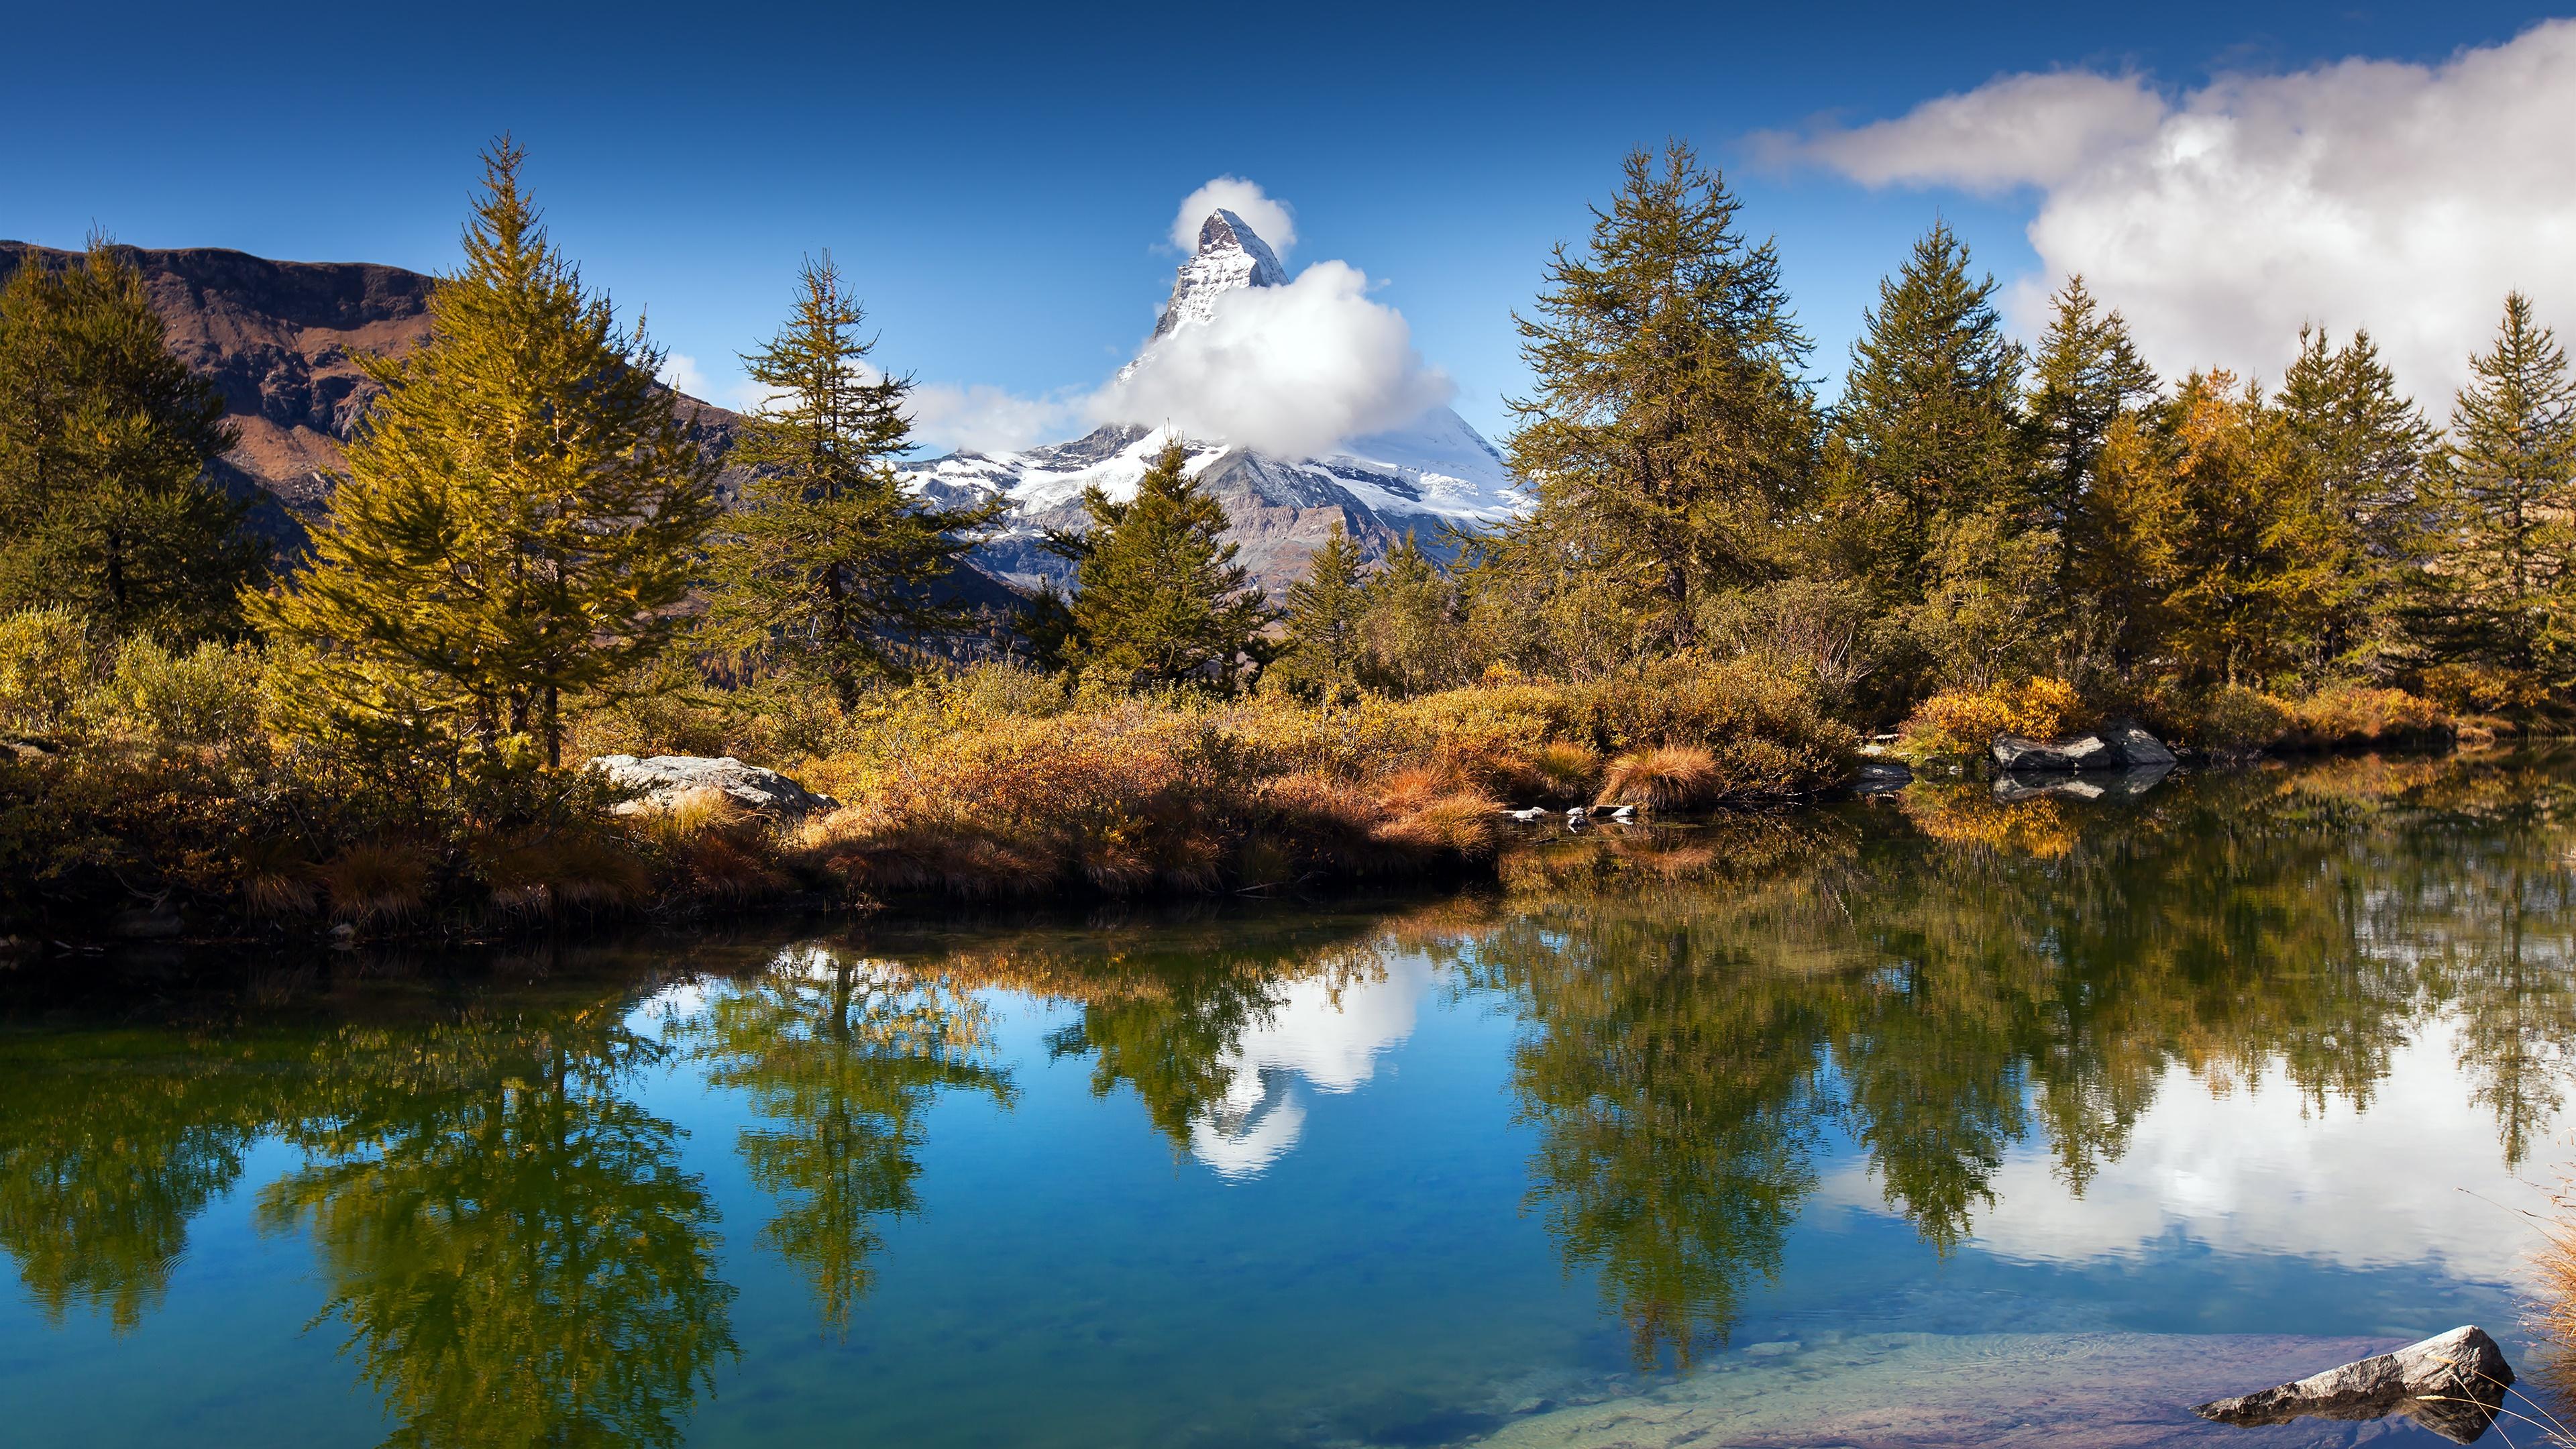 Grindjisee Lake and Matterhorn wallpaper